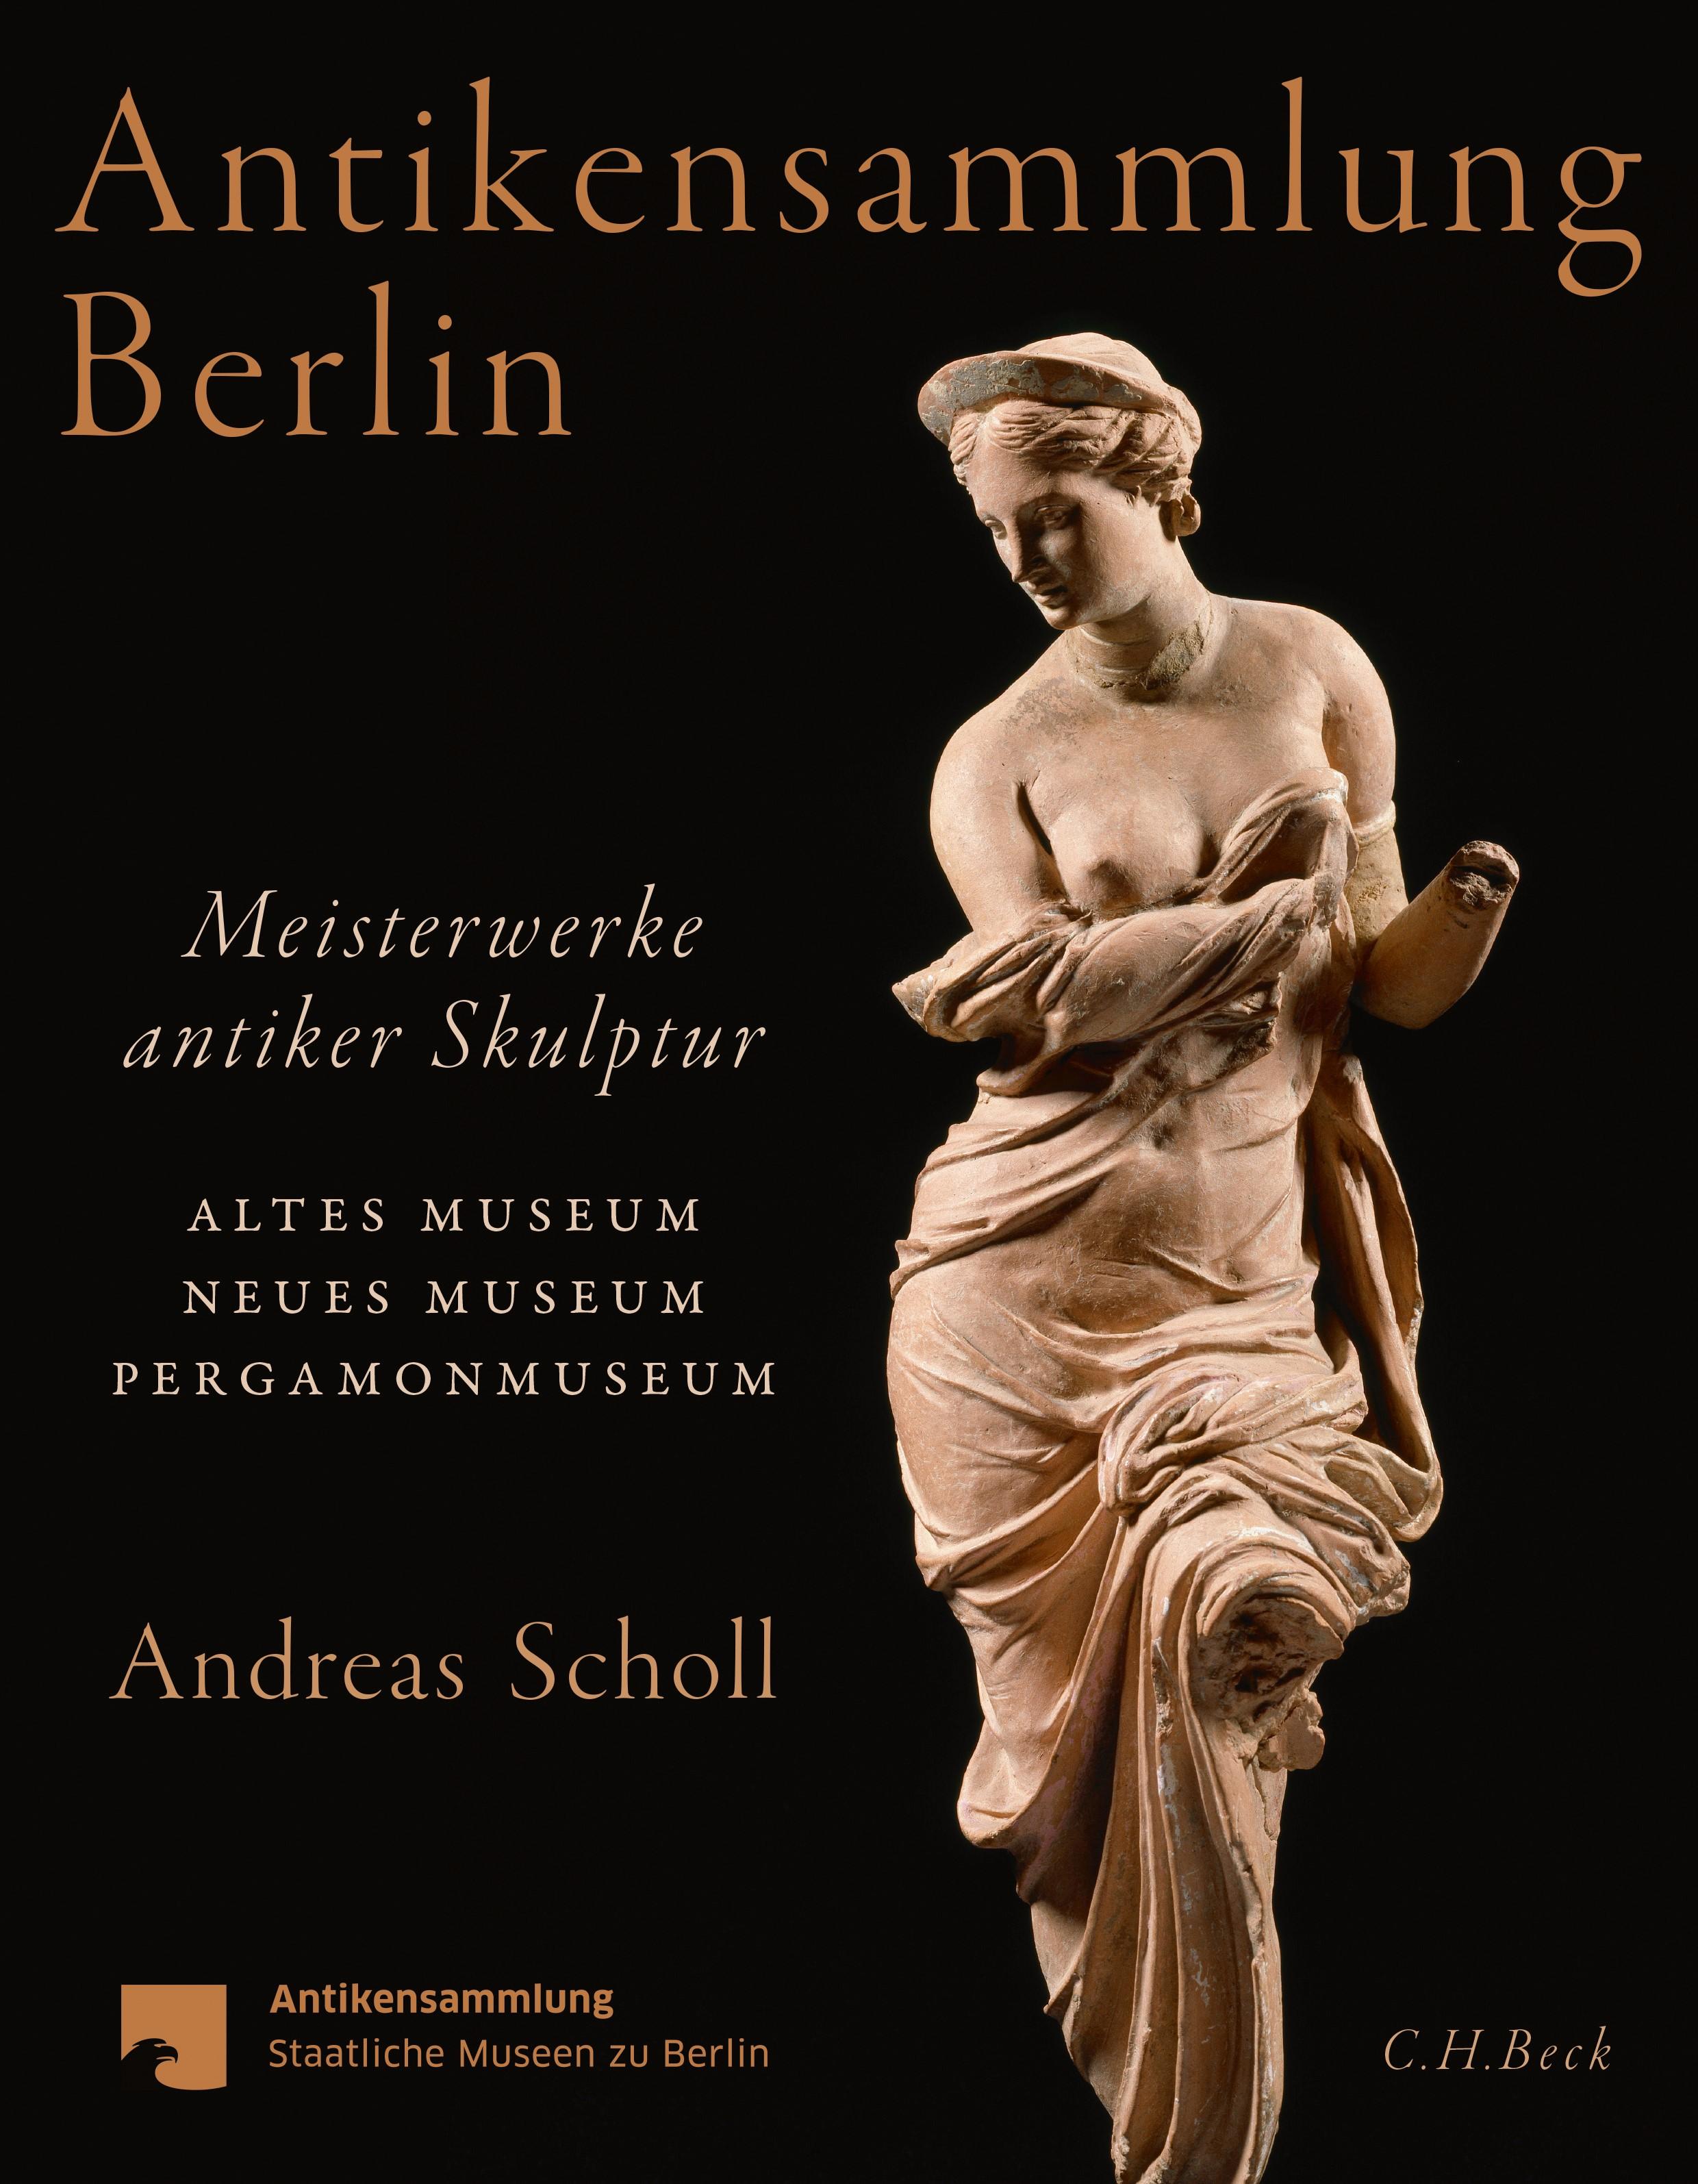 Antikensammlung Berlin | Scholl, Andreas, 2019 | Buch (Cover)